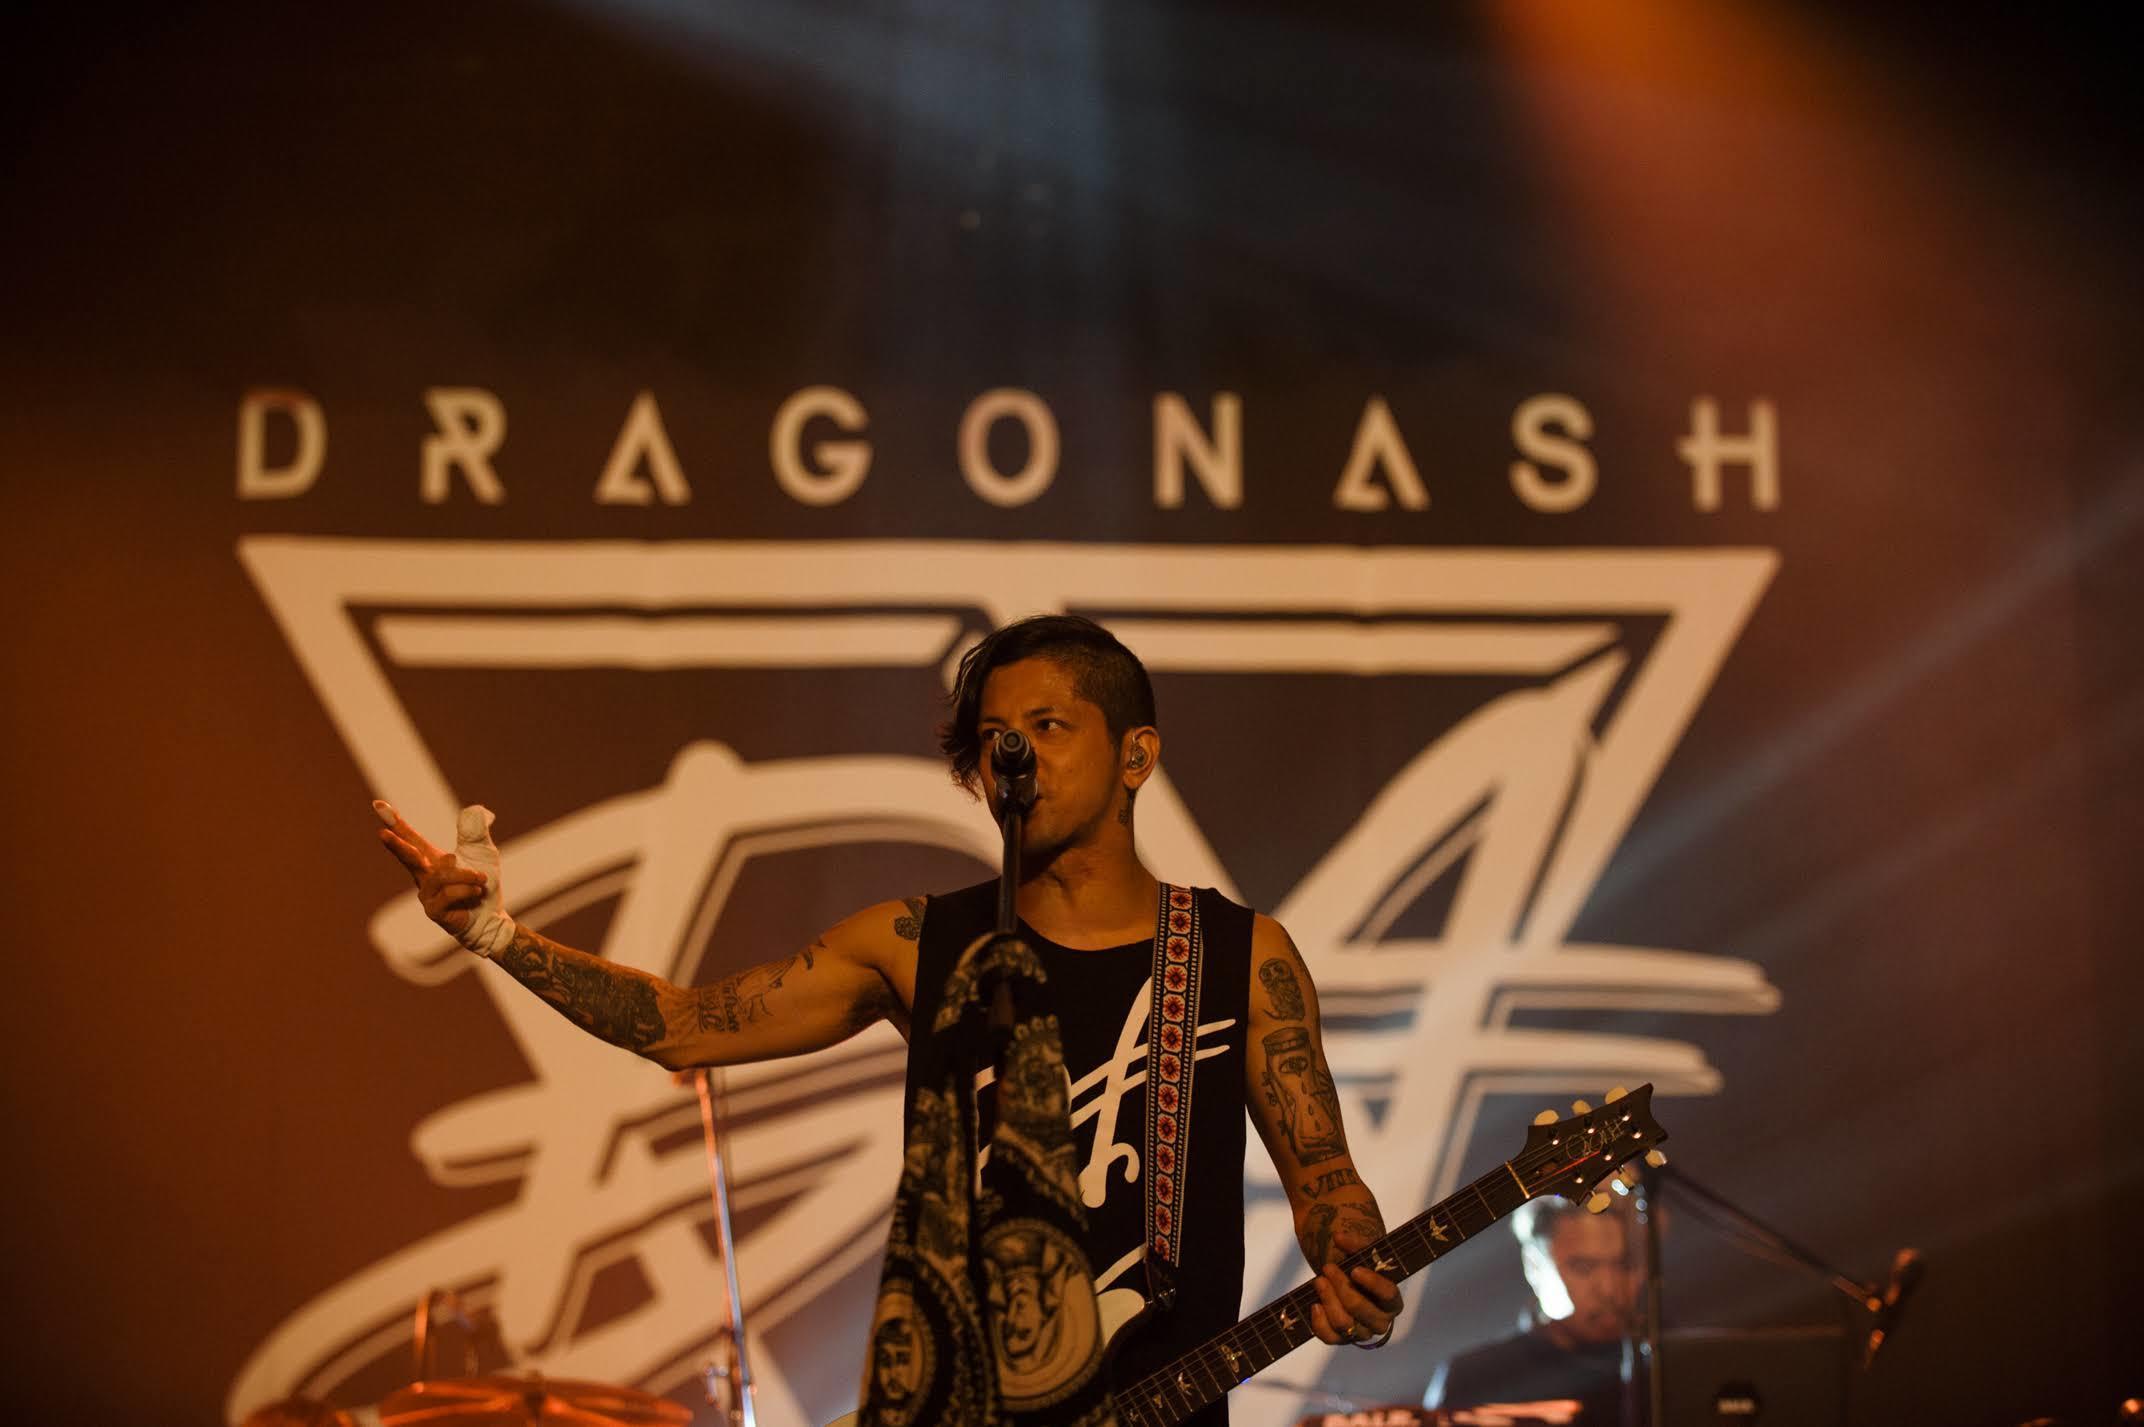 Dragon Ash